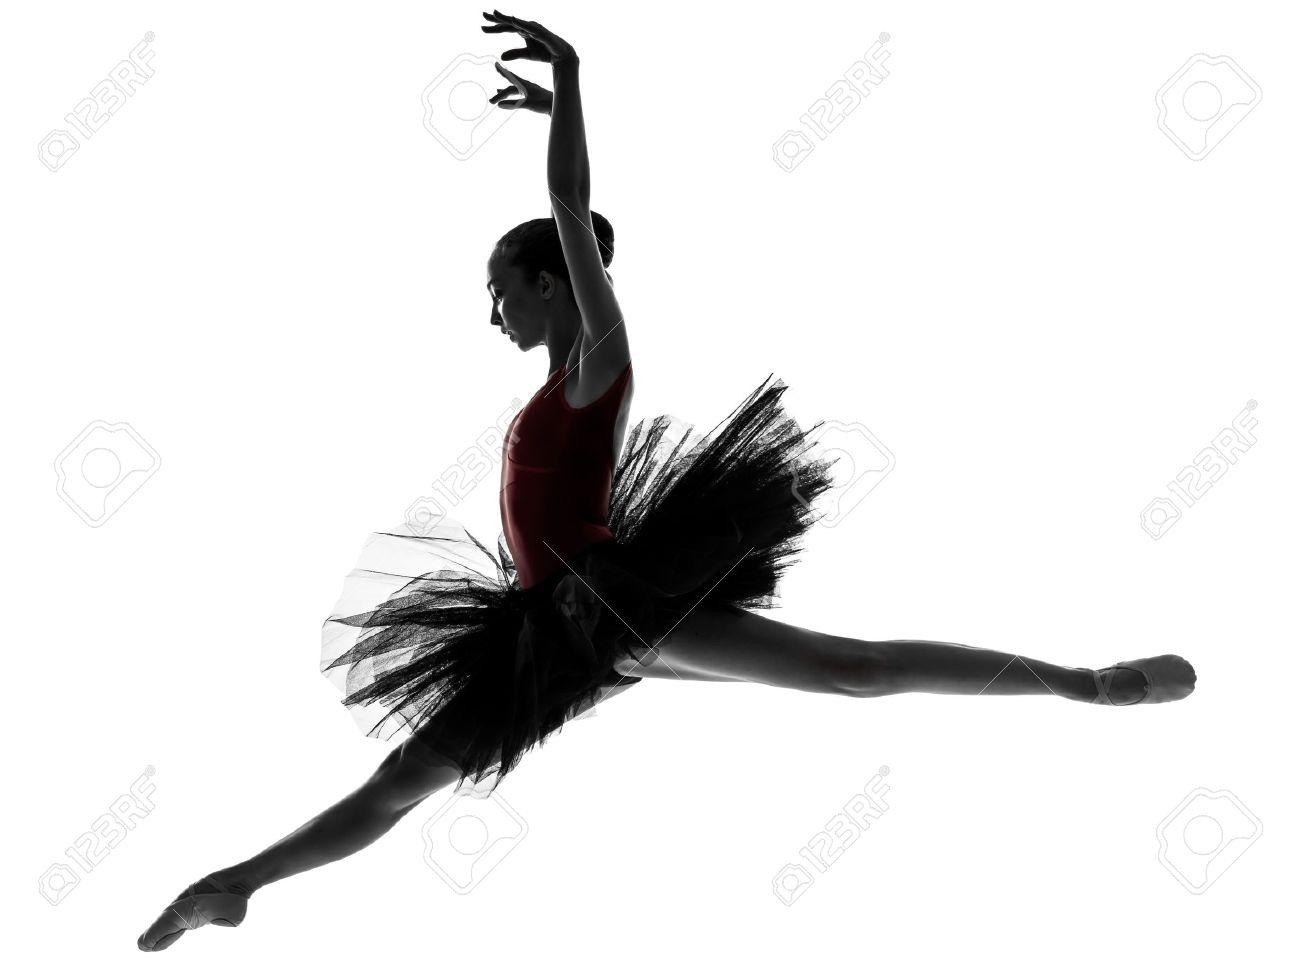 une caucasien jeune femme ballerine danseur de ballet avec tutu en studio silhouette sur fond blanc Banque d'images - 15480191